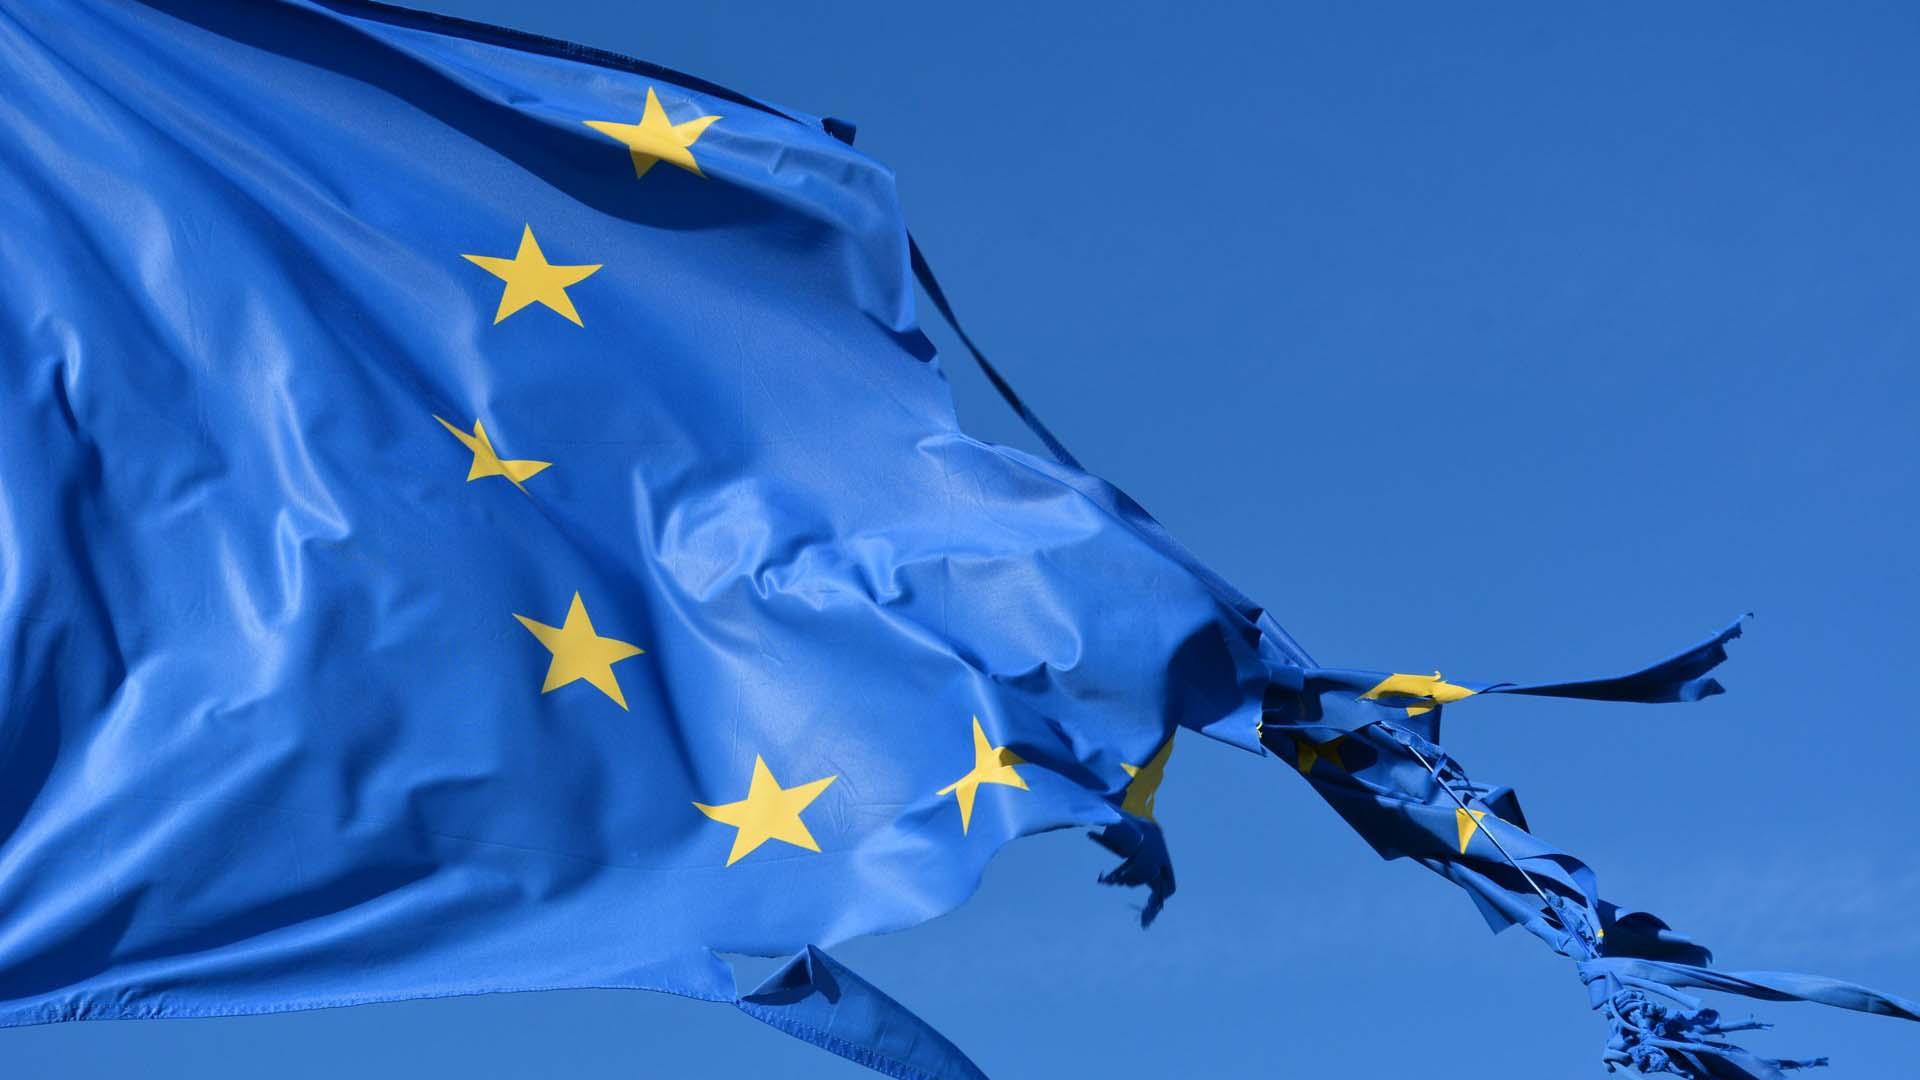 Alegada proposta de lei vazada da UE visa combater o